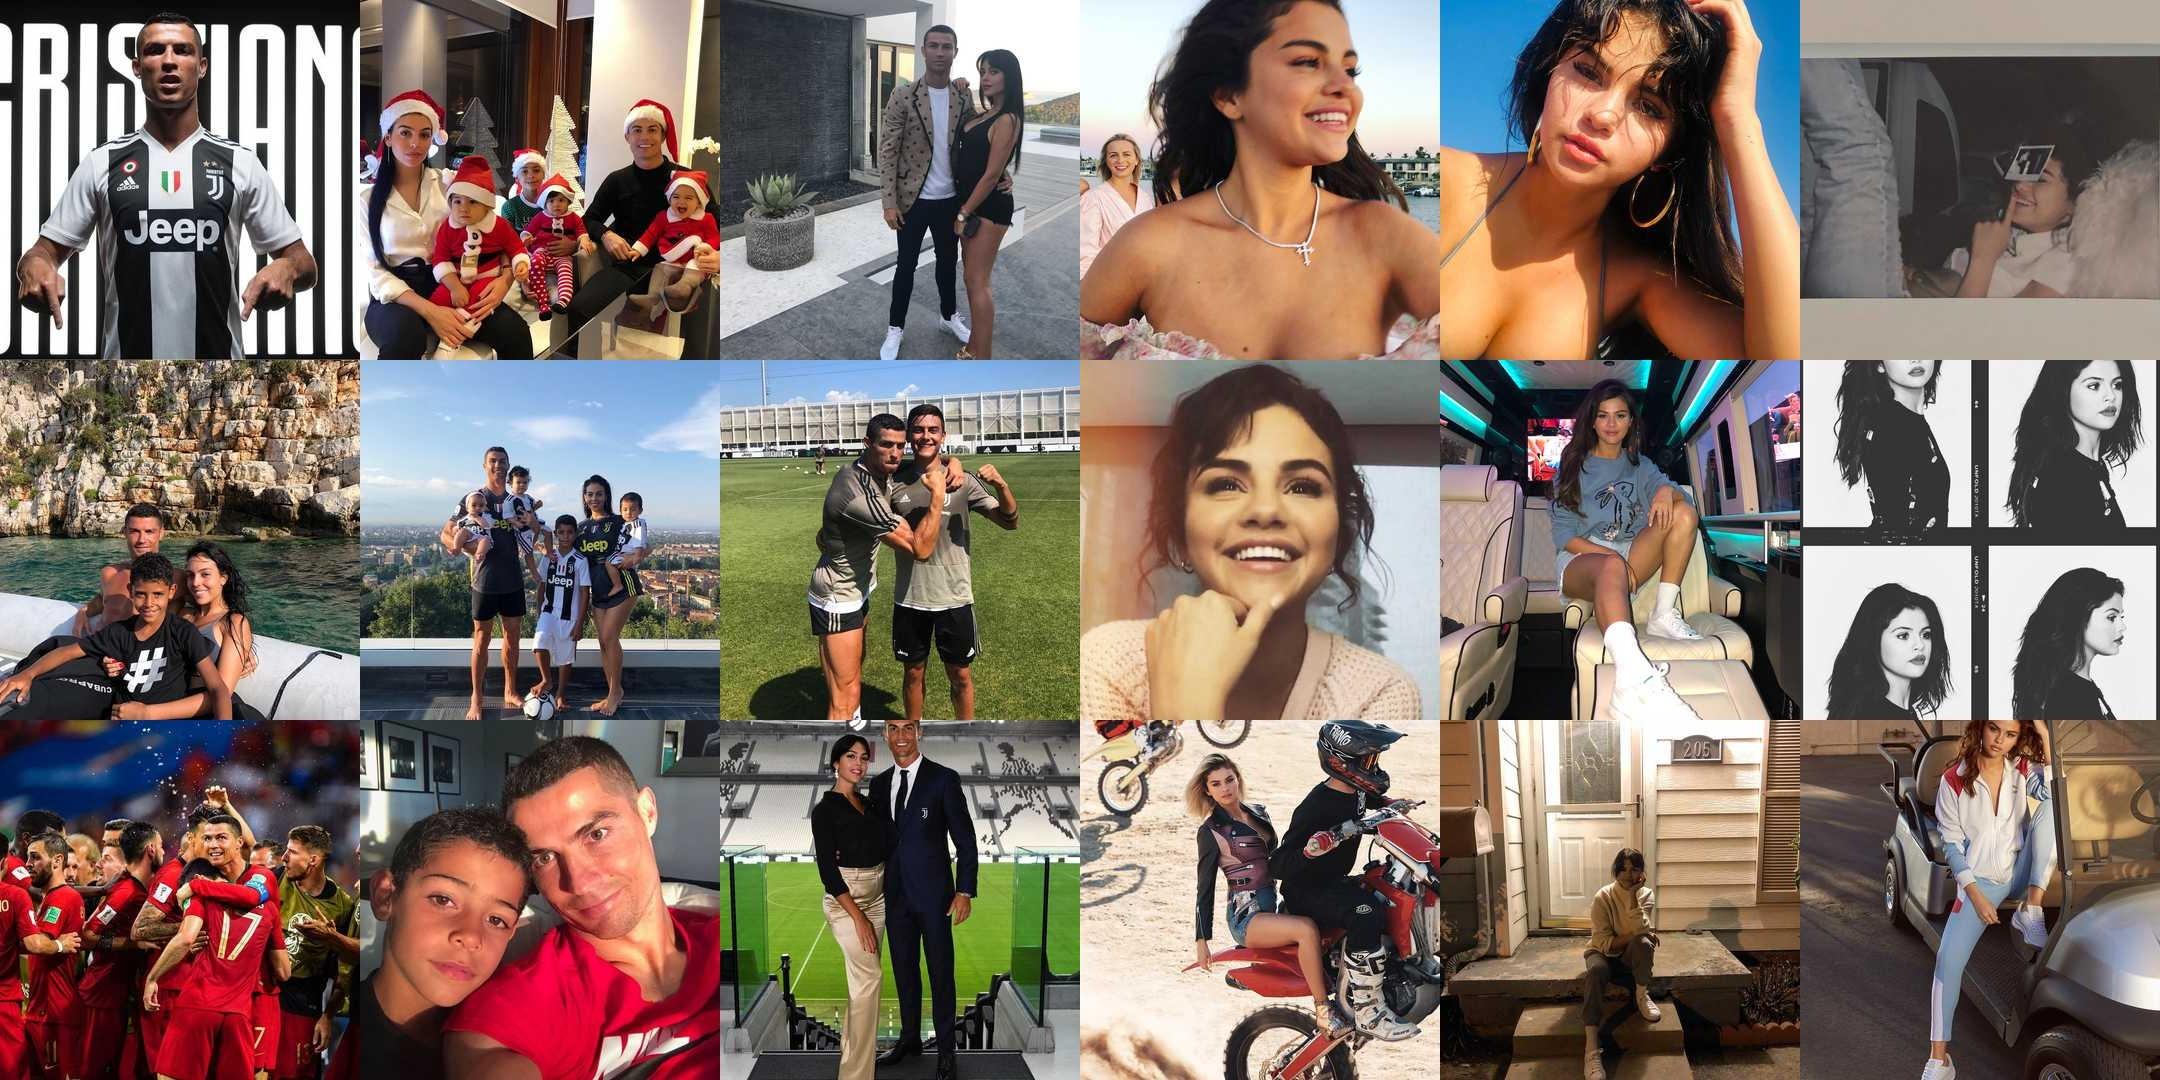 Лучшие 9 фото в Инстаграм за 2018 год Криштиану Роналду и Селены Гомес